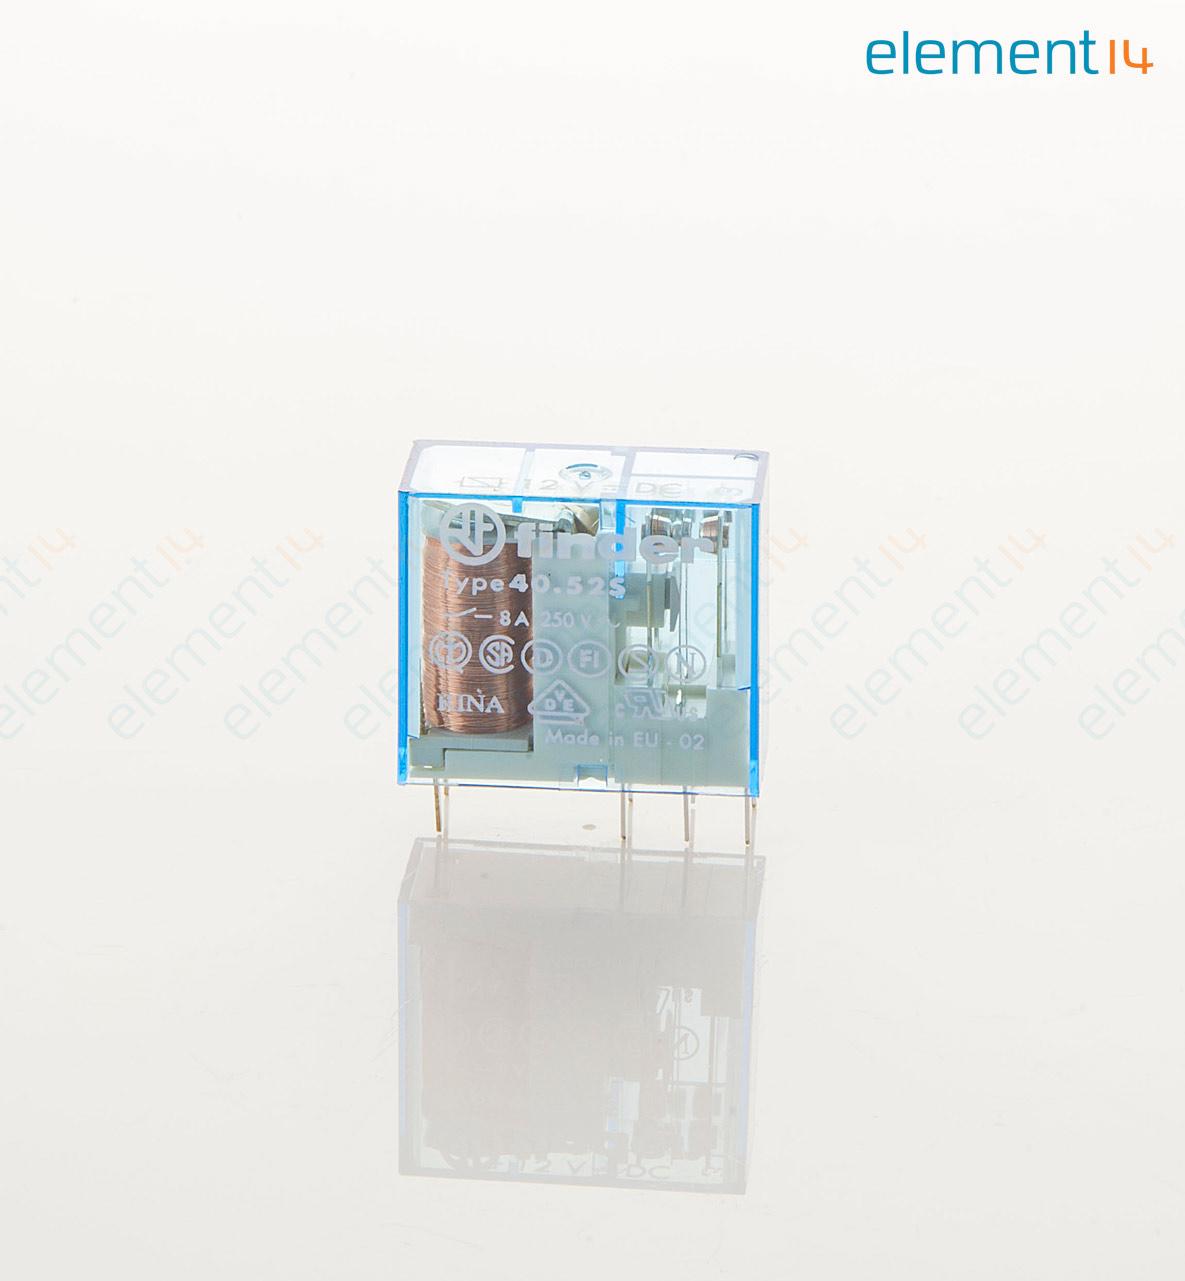 405270120000 Finder General Purpose Relay 40 Series Power Dpdt Latching 12vdc Richmedia 378kb En